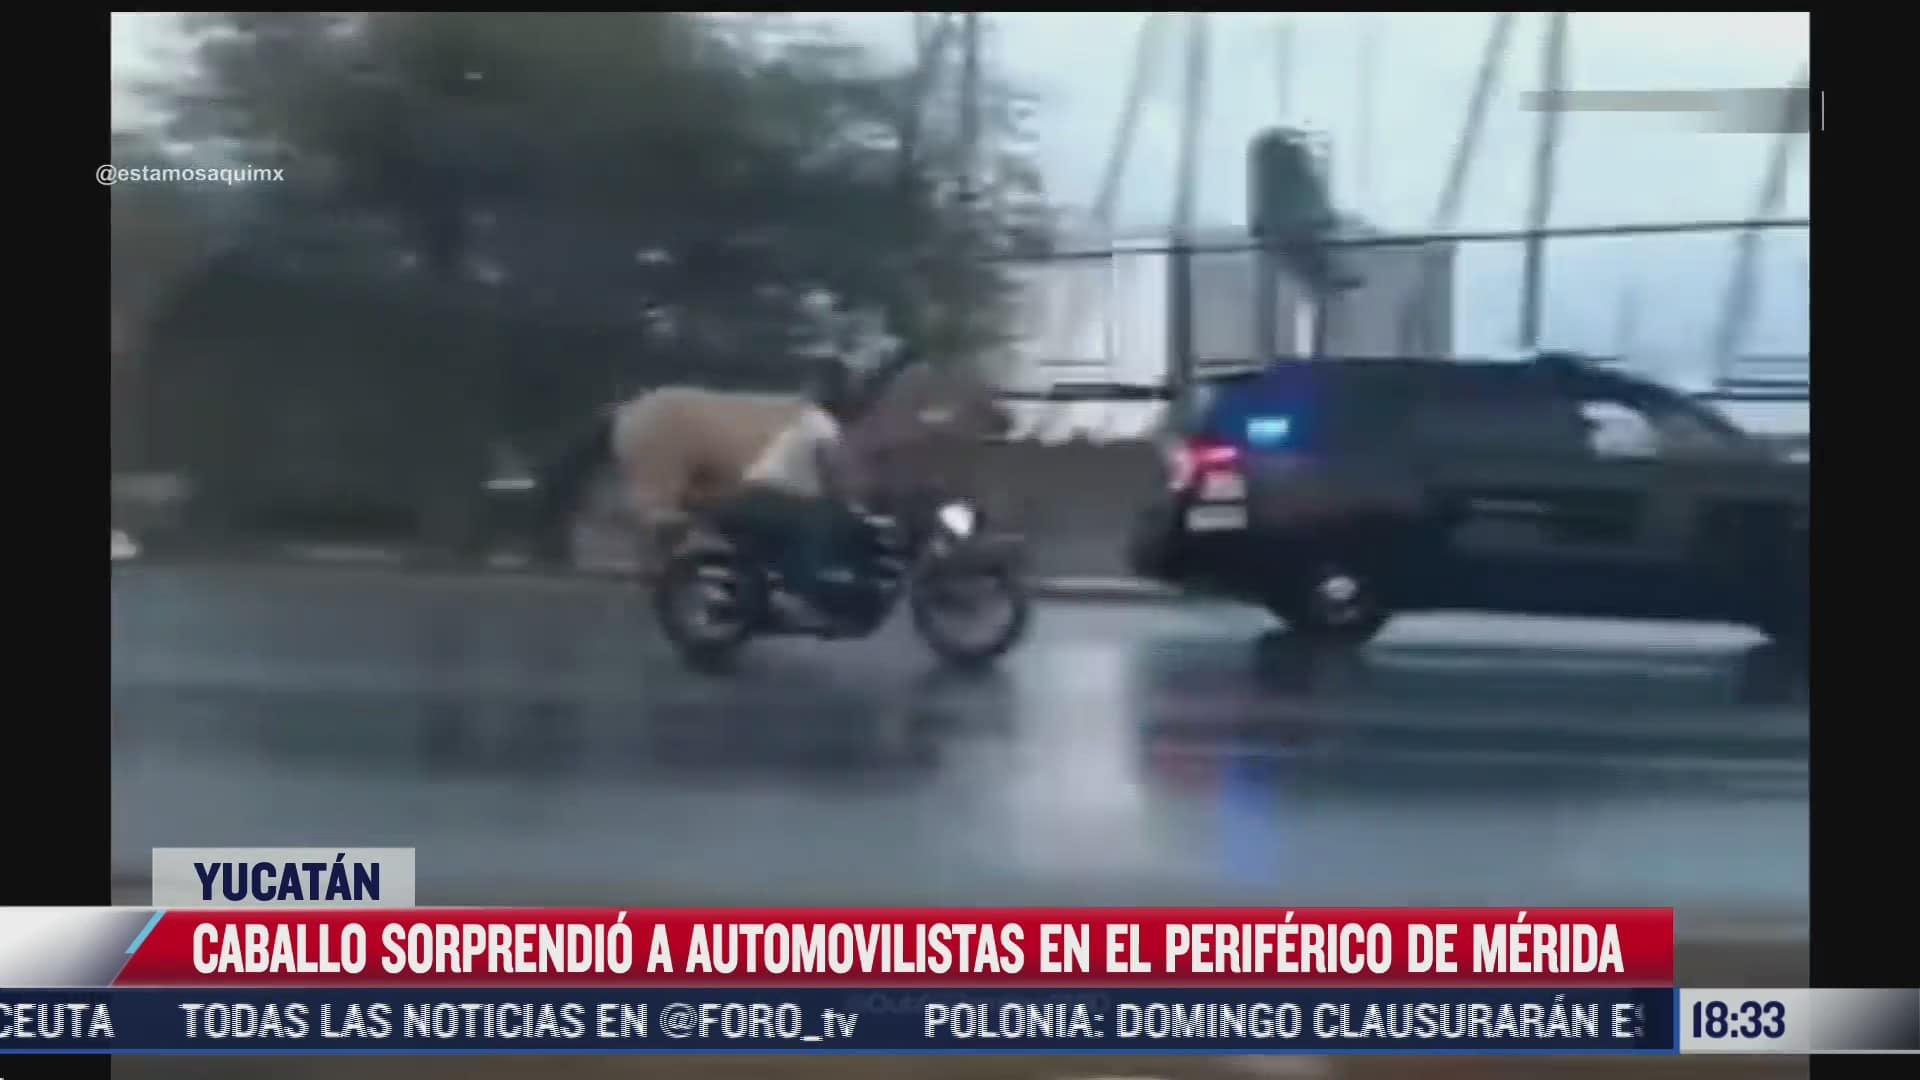 caballo sorprende a automovilistas en periferico de merida yucatan